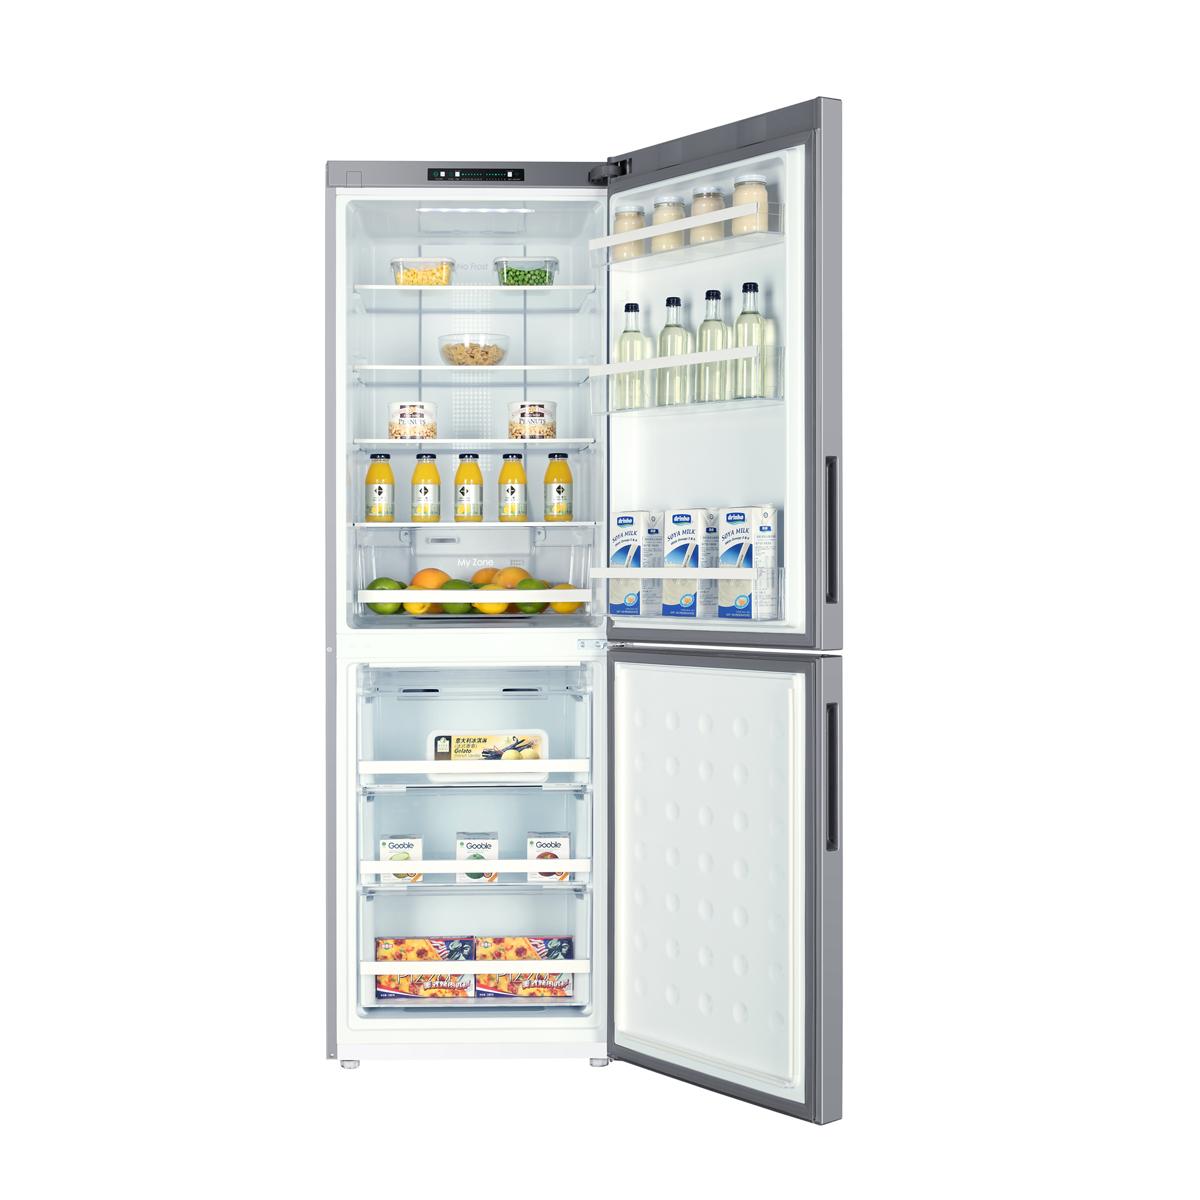 Refrigerateur congelateur en bas Haier C2FE632CSJ SILVER